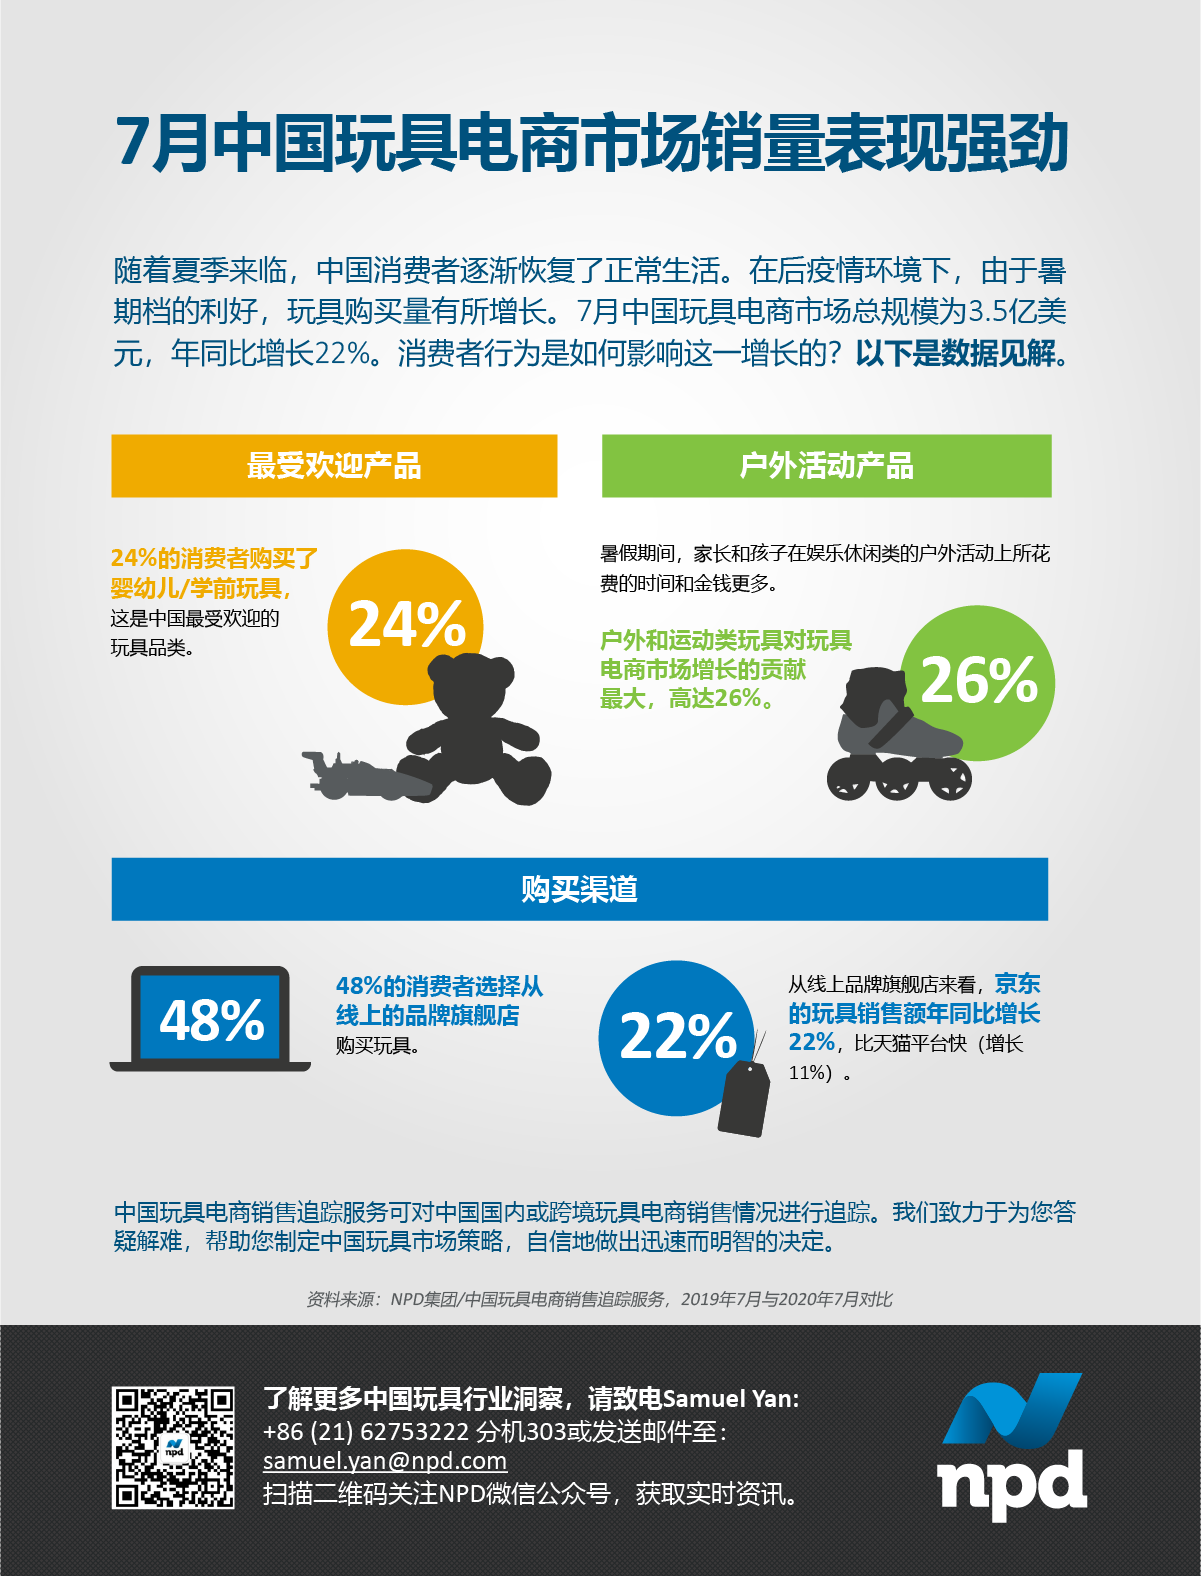 随着夏季来临,中国消费者逐渐恢复了正常生活。在后疫情环境下,由于暑 期档的利好,玩具购买量有所增长。7月中国玩具电商市场总规模为3.5亿美 元,年同比增长22%。消费者行为是如何影响这一增长的?以下是数据见解。